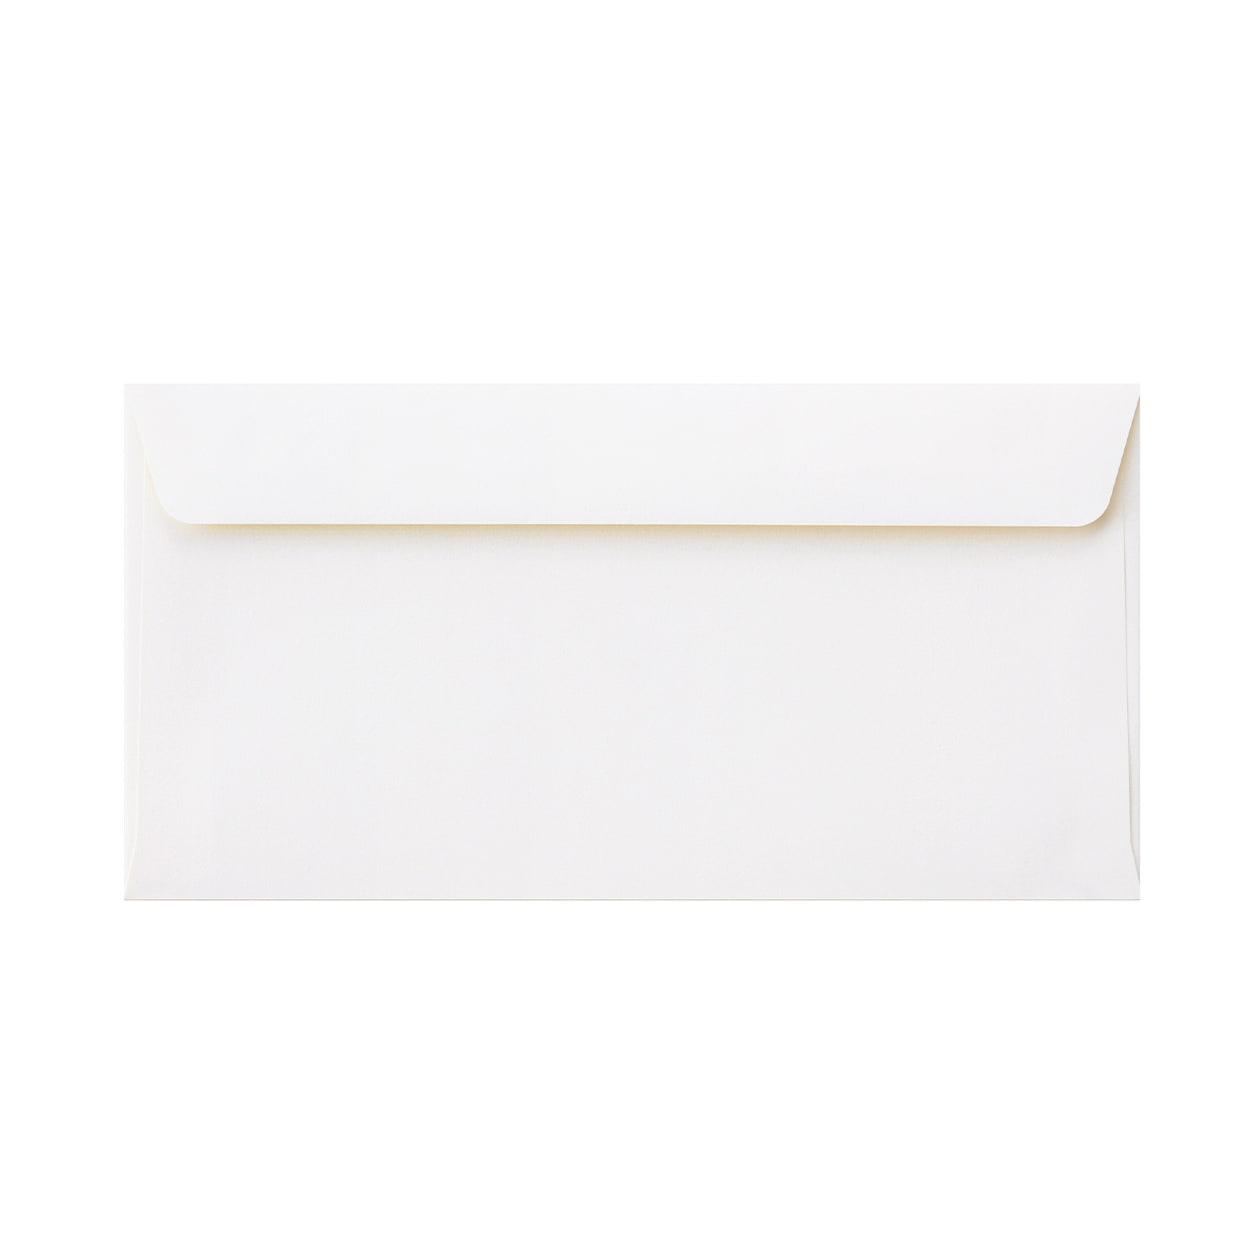 長3カマス34封筒 コットン スノーホワイト 116.3g